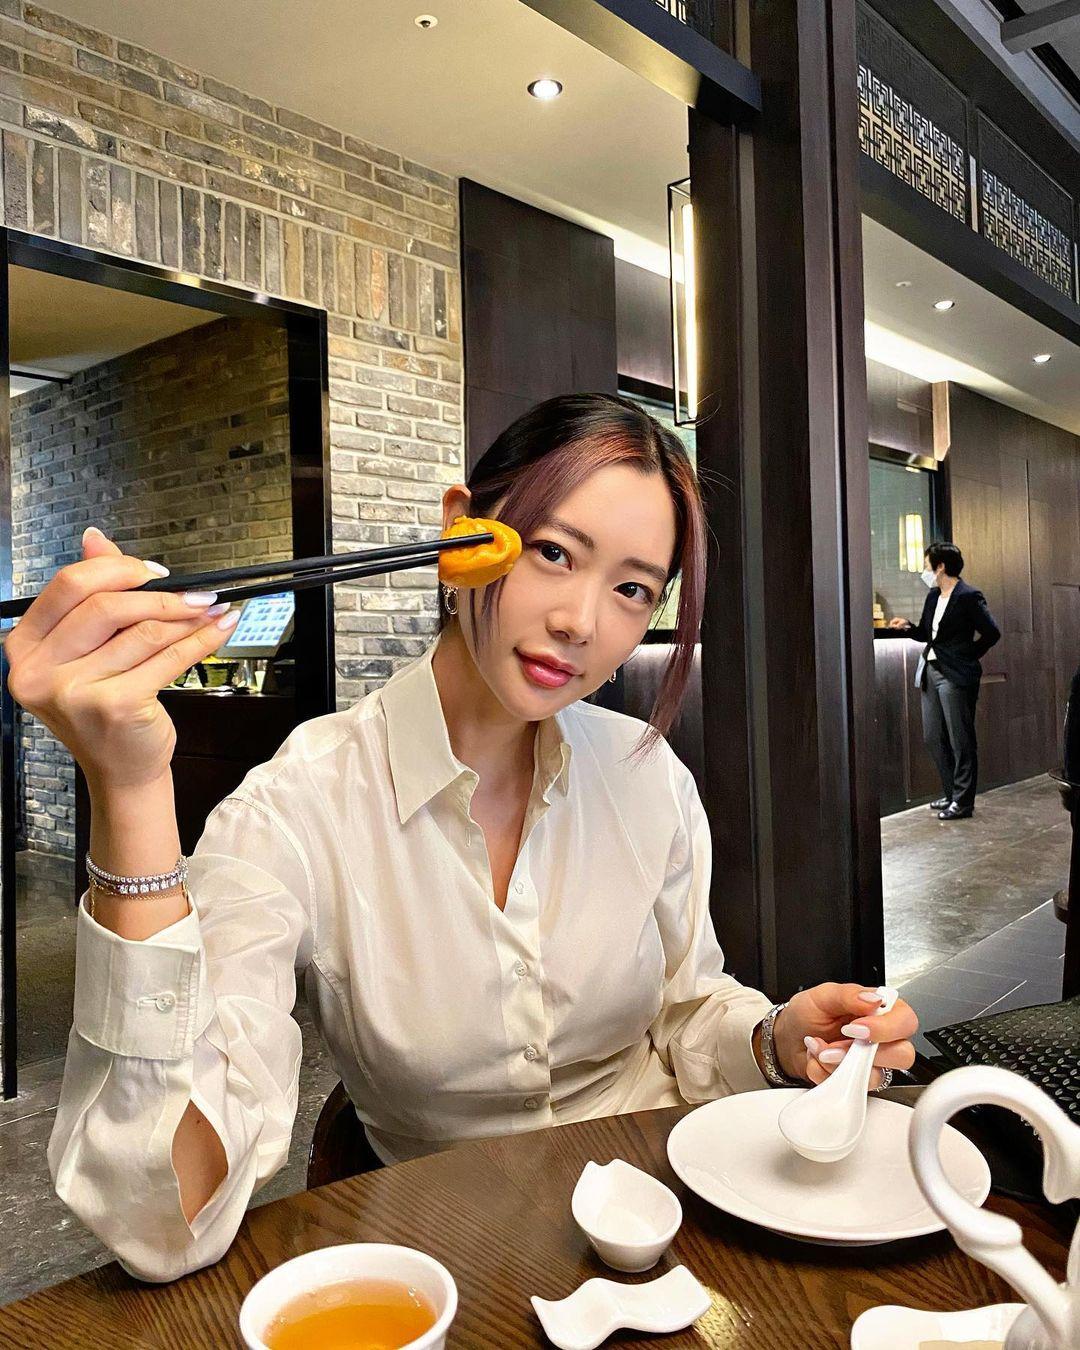 actressclara_20200607-1.jpeg